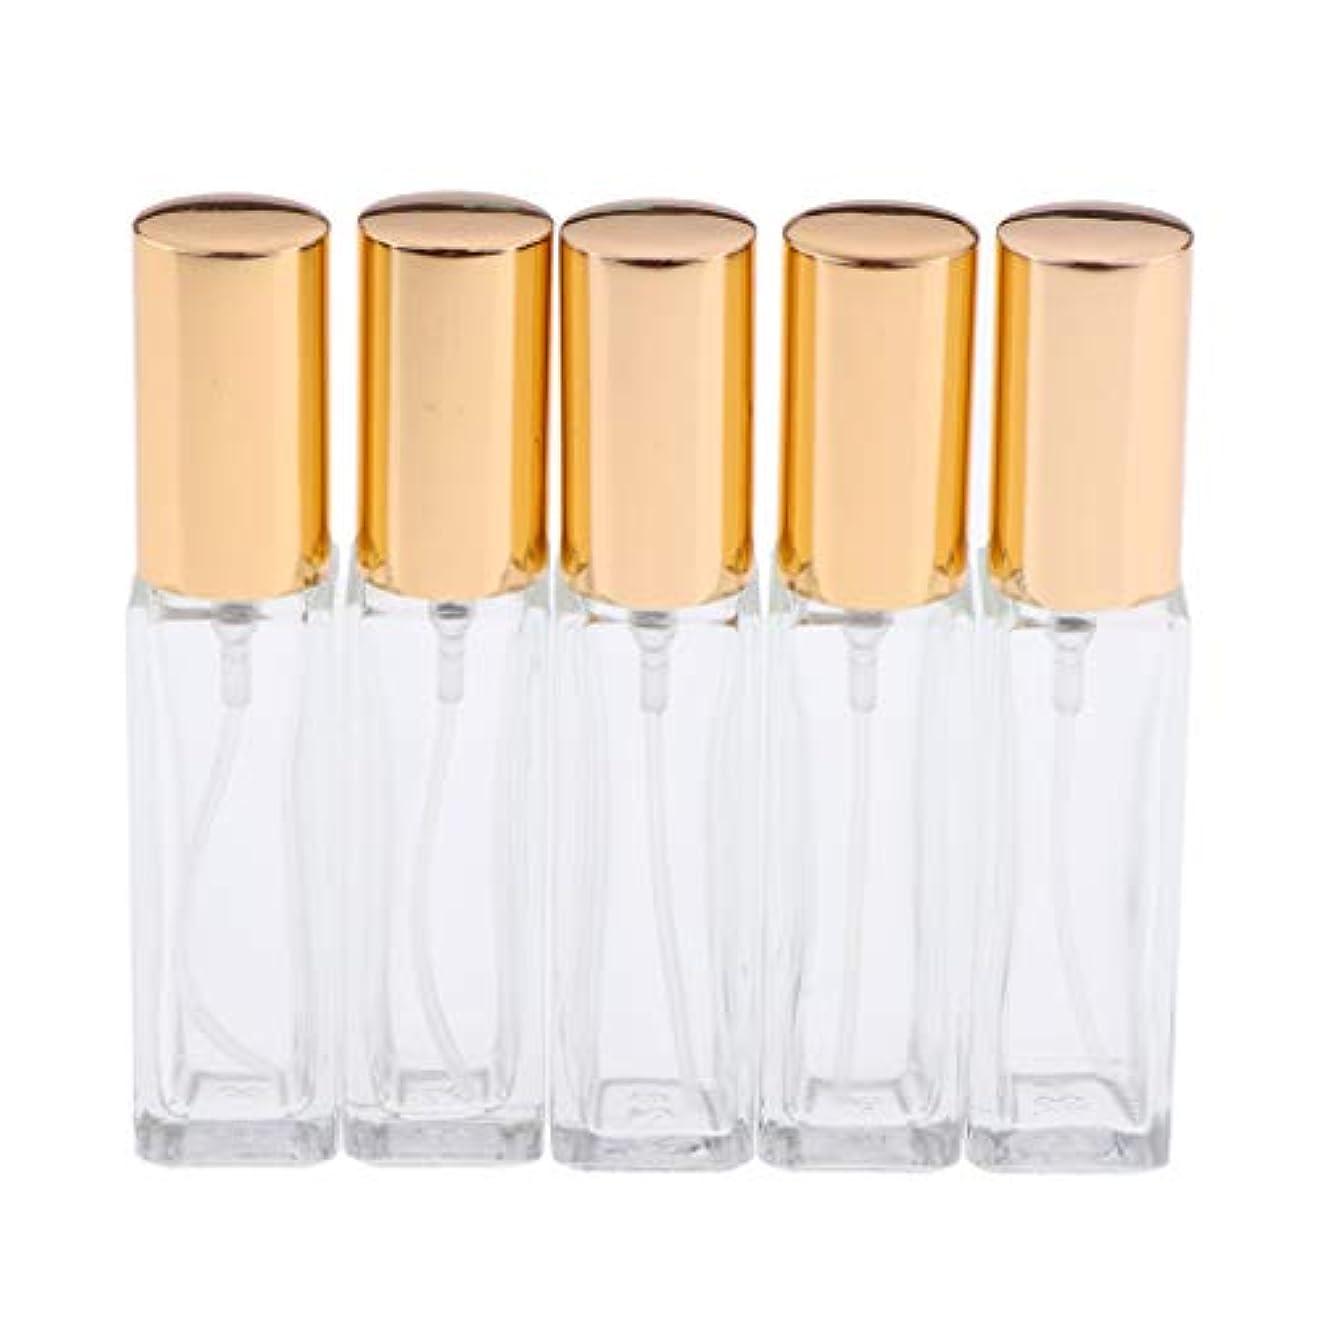 の面では偏見練る5空瓶ポケットスプレーボトル詰め替え式香水アトマイザー絶妙な漏れ防止香水瓶美容ツール - ゴールデン